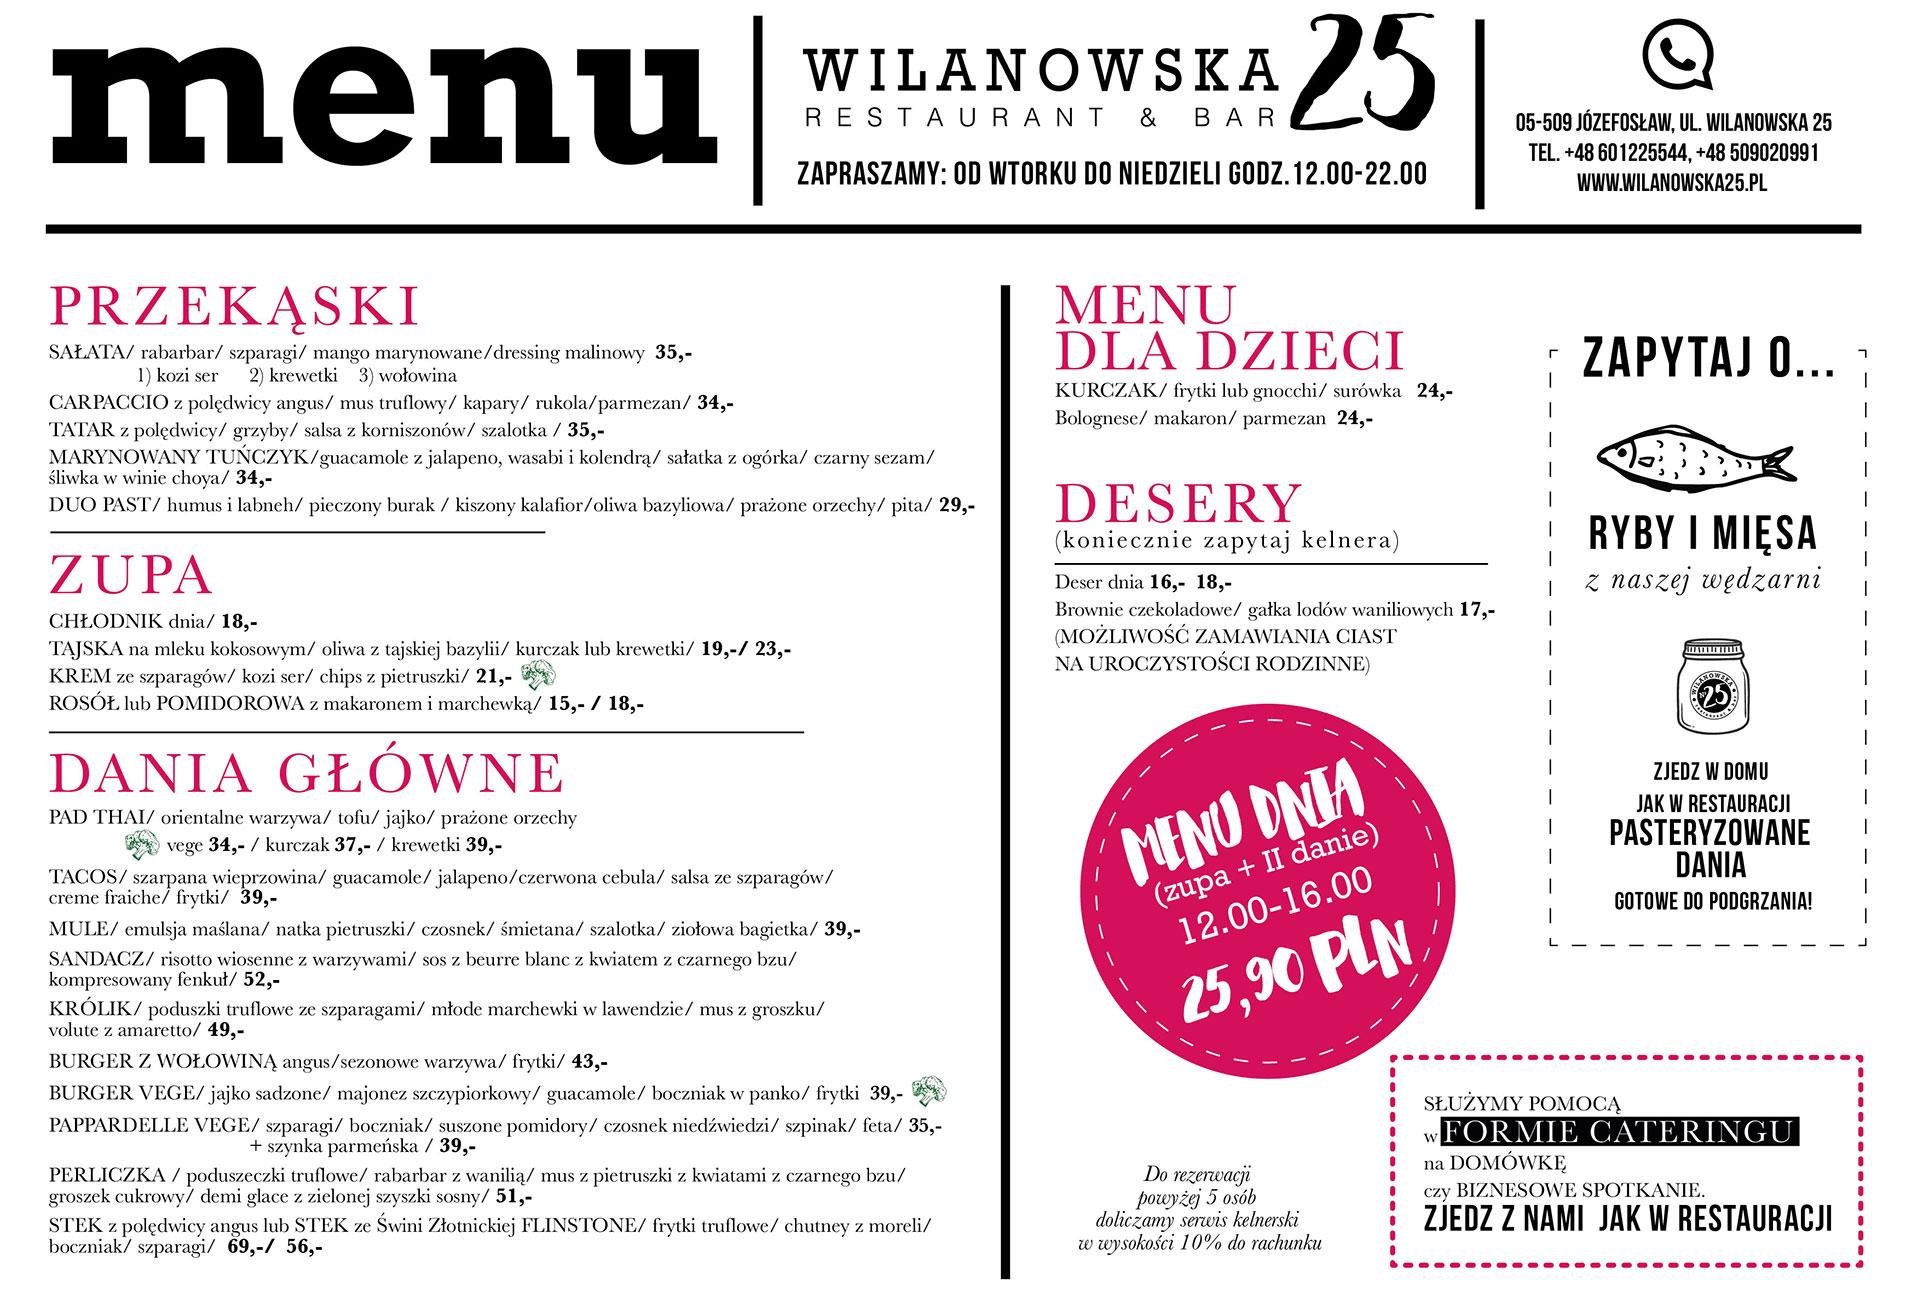 Menu-06_Wilanowska25